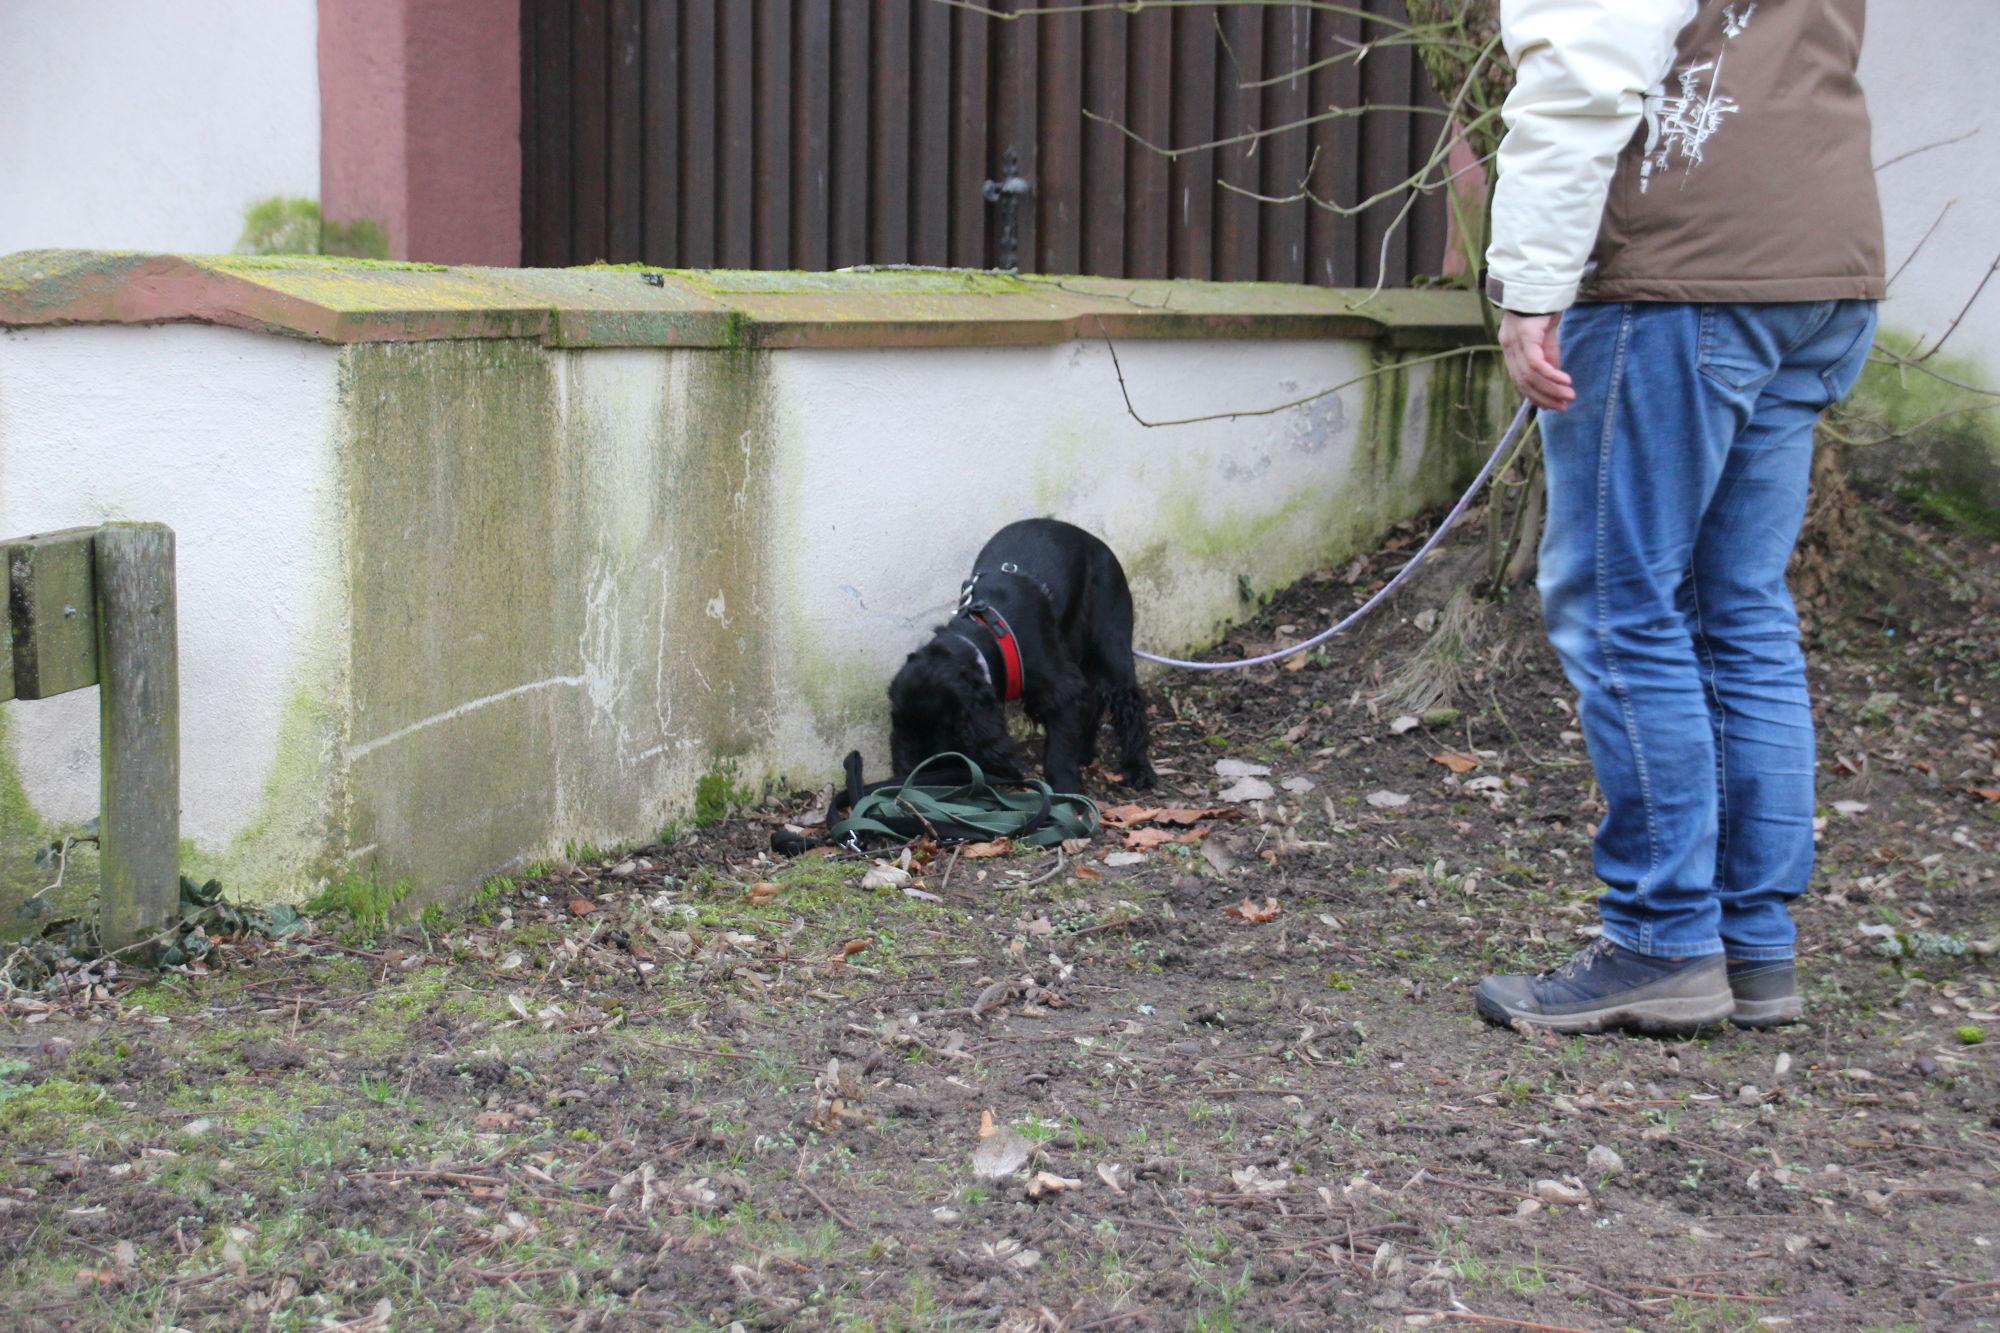 10 Meter Leine (die bestimmt nach viiiiielen anderen Hunden duftet 😉 ) liegen verwurschtelt auf dem Fitzelchen. Kein Problem!